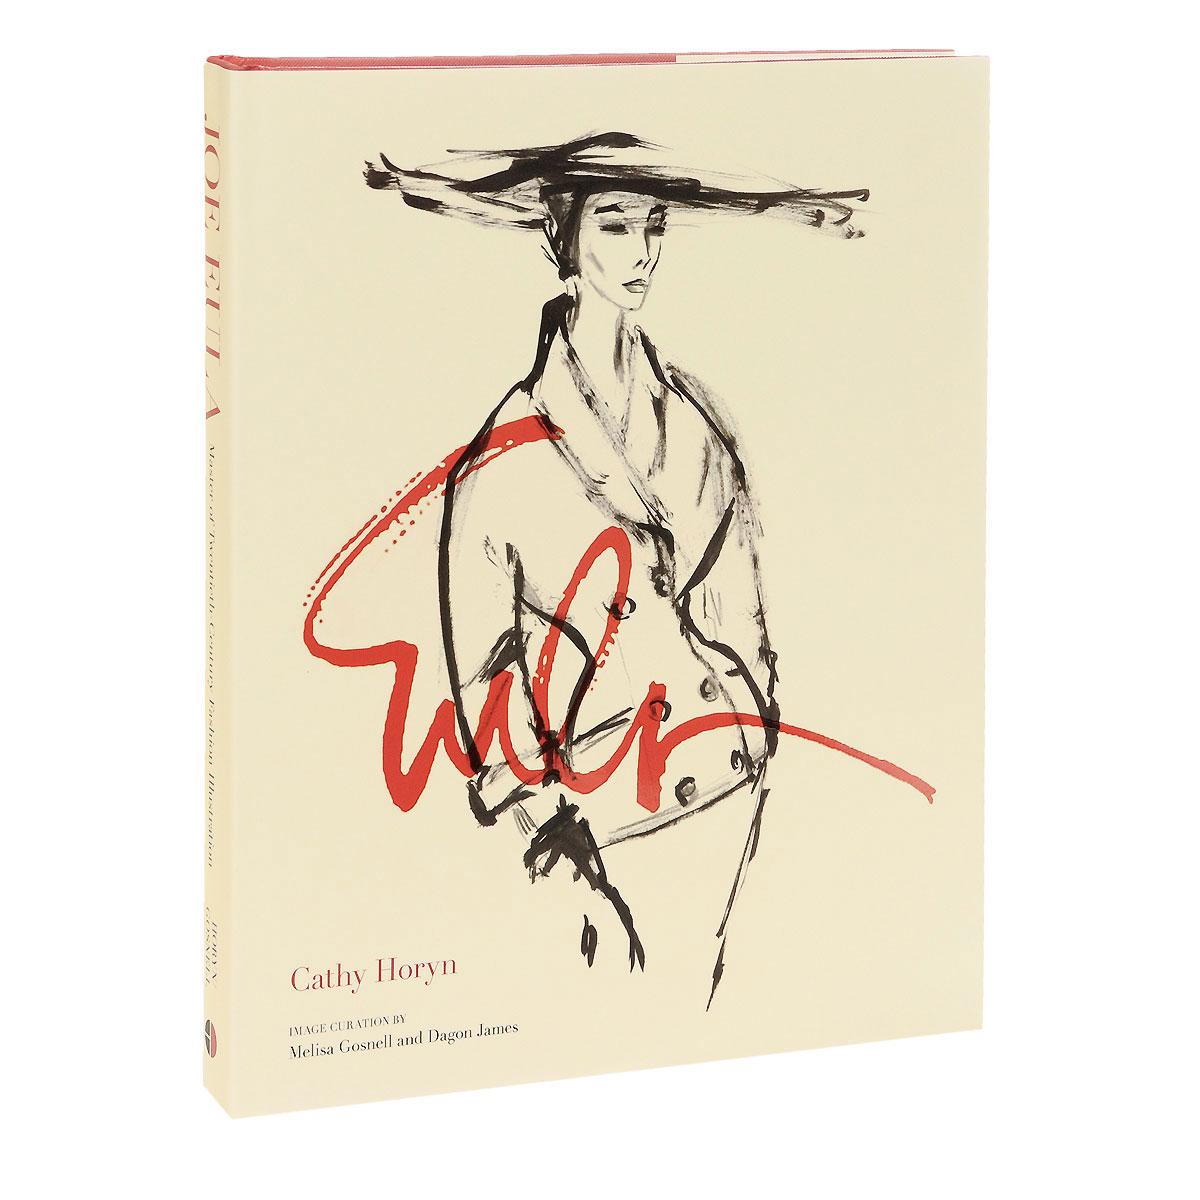 Joe Eula: Master of Twentieth-Century Fashion Illustration г к жуков воспоминания и размышления комплект из 2 книг